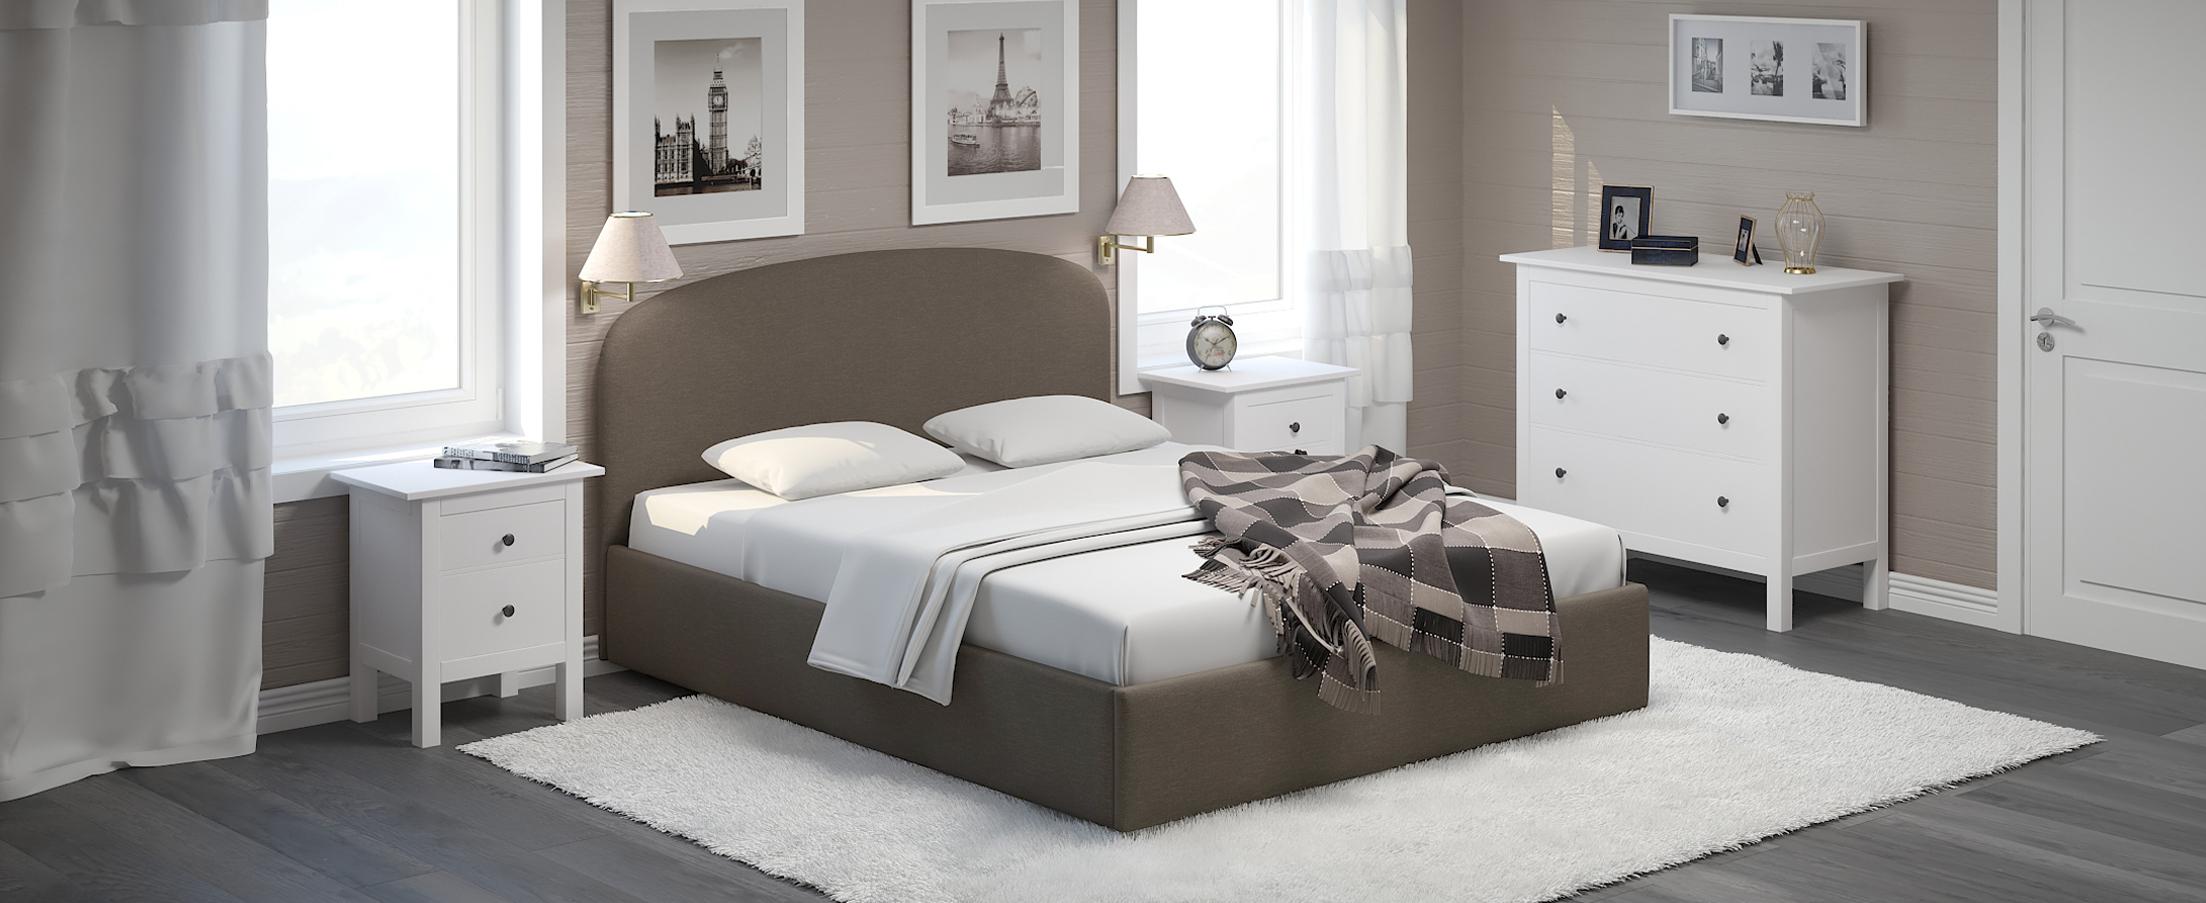 Кровать двуспальная Лия 160х200 Модель 1205Кровать Лия – воплощение мягкости, простора и удобства. Воздушность формы, изящно изогнутая спинка и оригинальный кант на изголовье подчеркнут стиль вашей комнаты.<br>